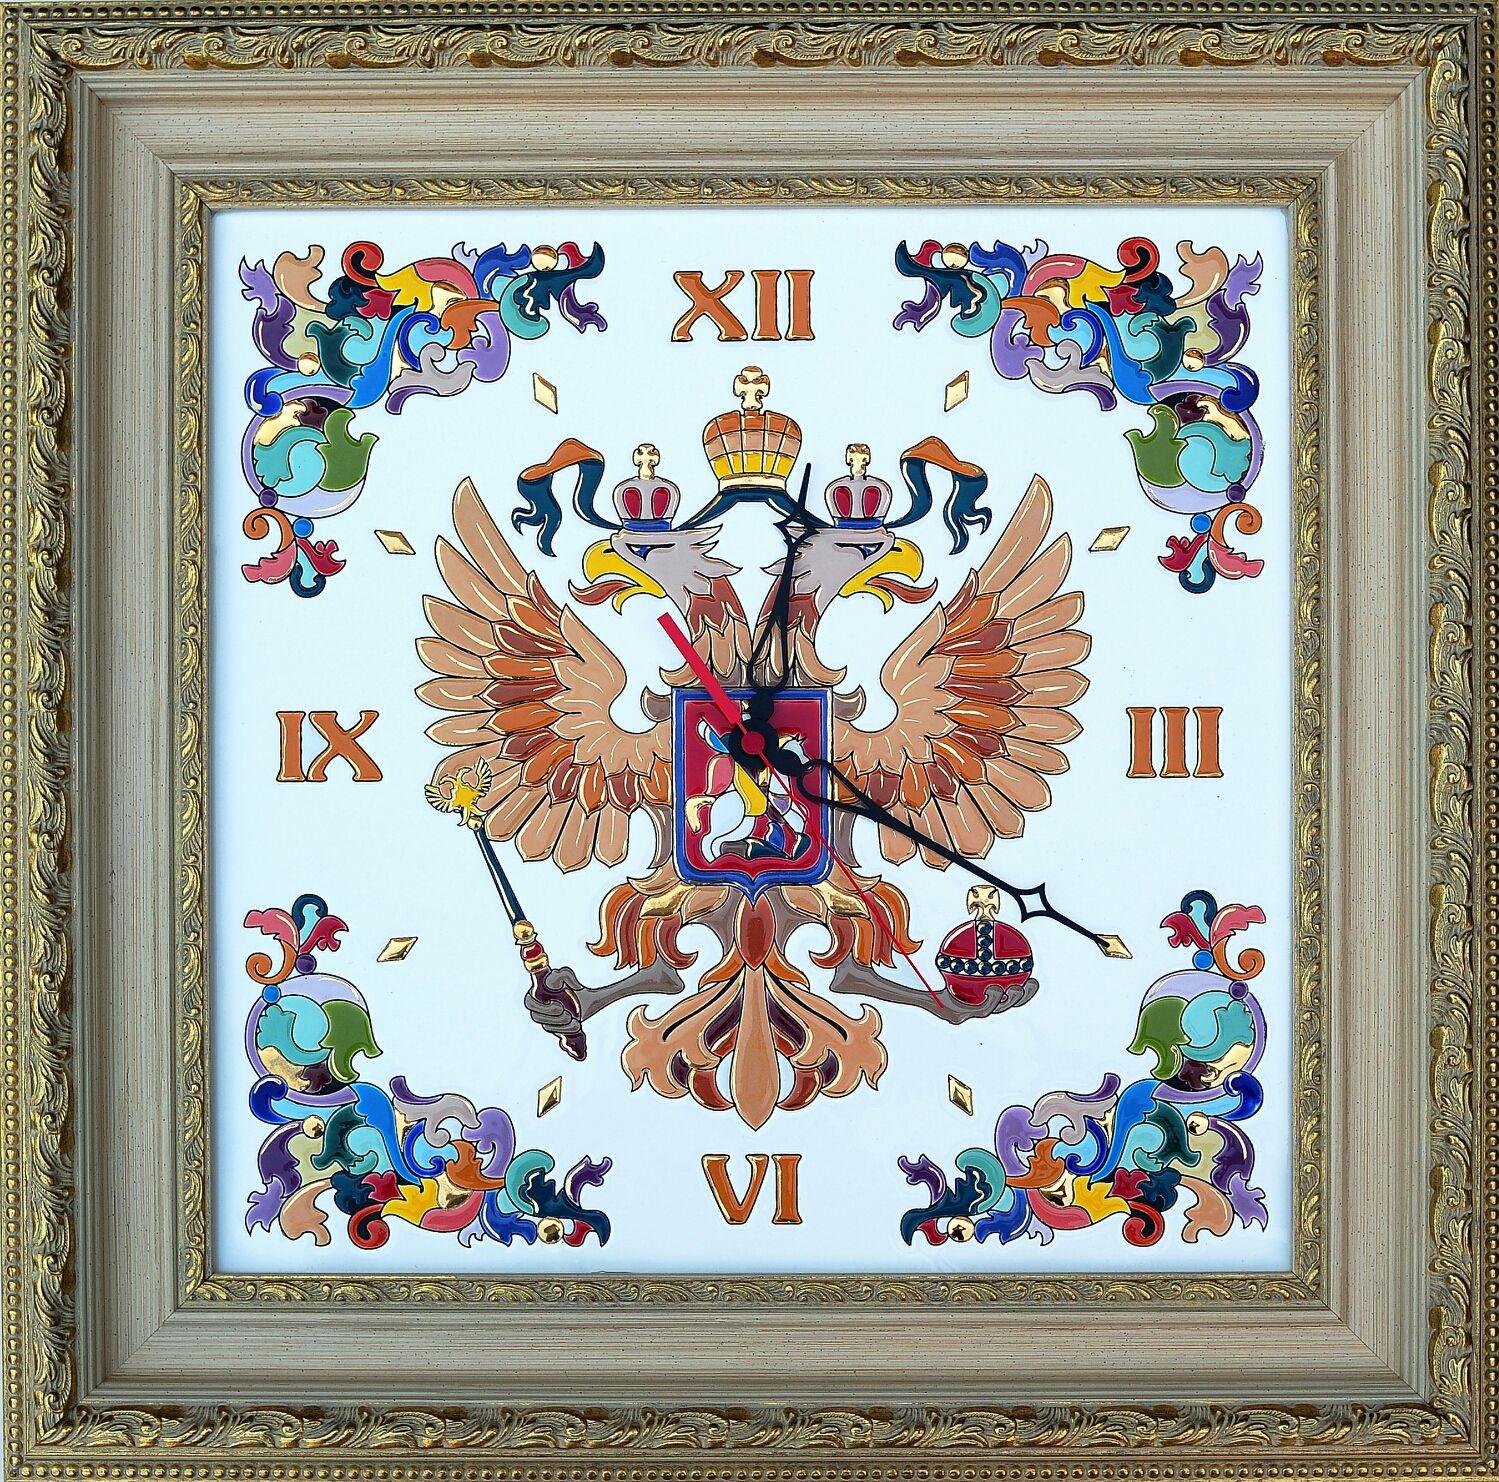 Wall Clock With Symbols Of Russia Decorativeceramic Coat Shop